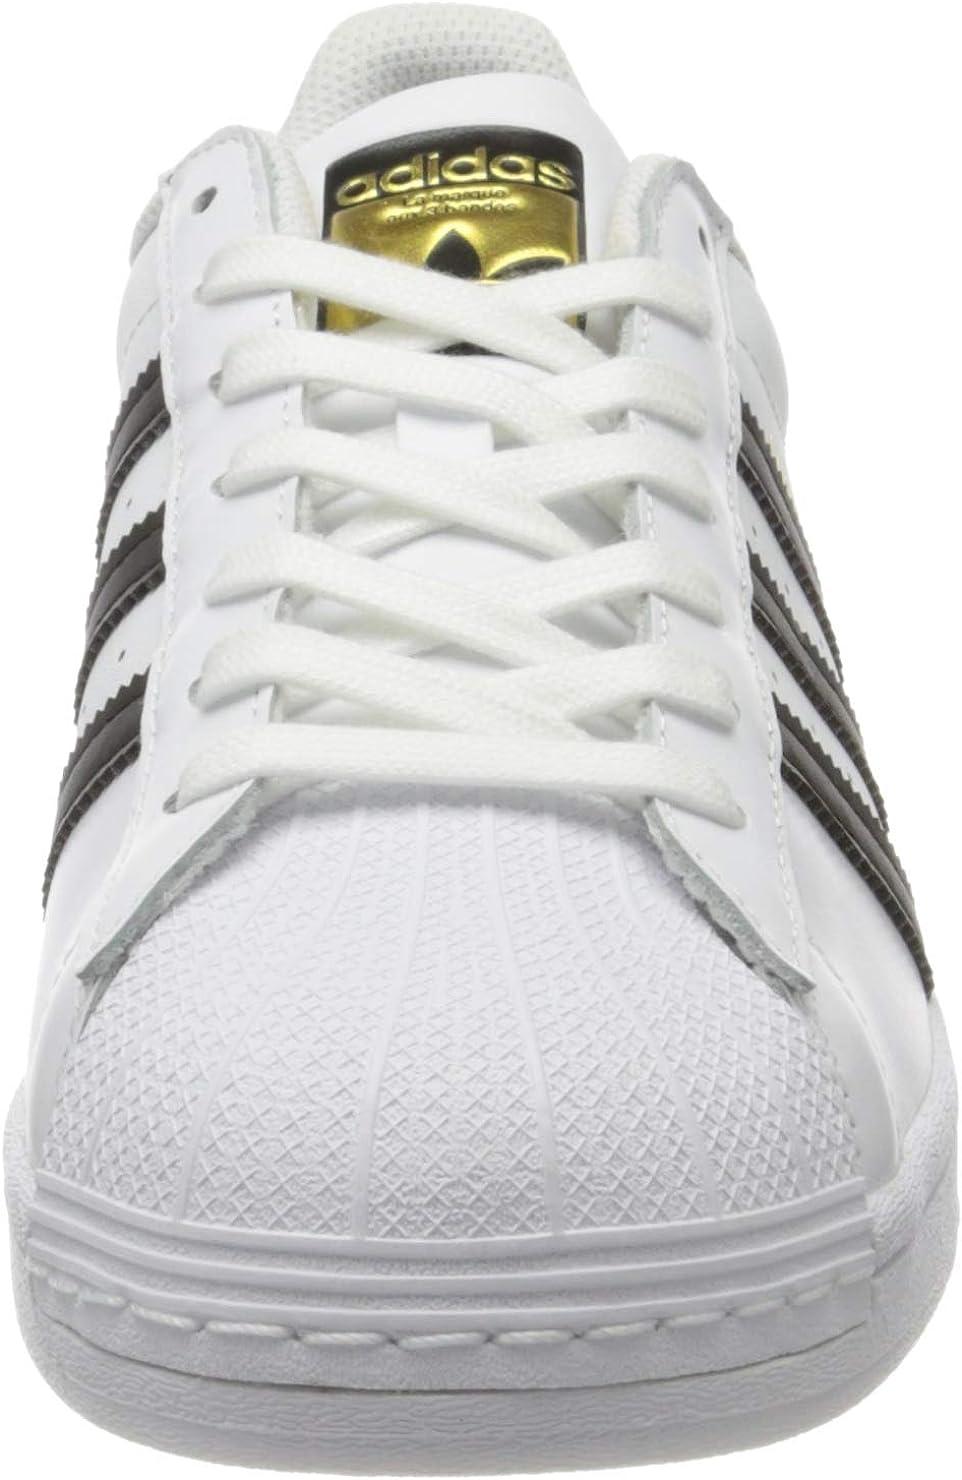 adidas Originals Superstar, Zapatillas Deportivas Hombre: Amazon.es: Zapatos y complementos